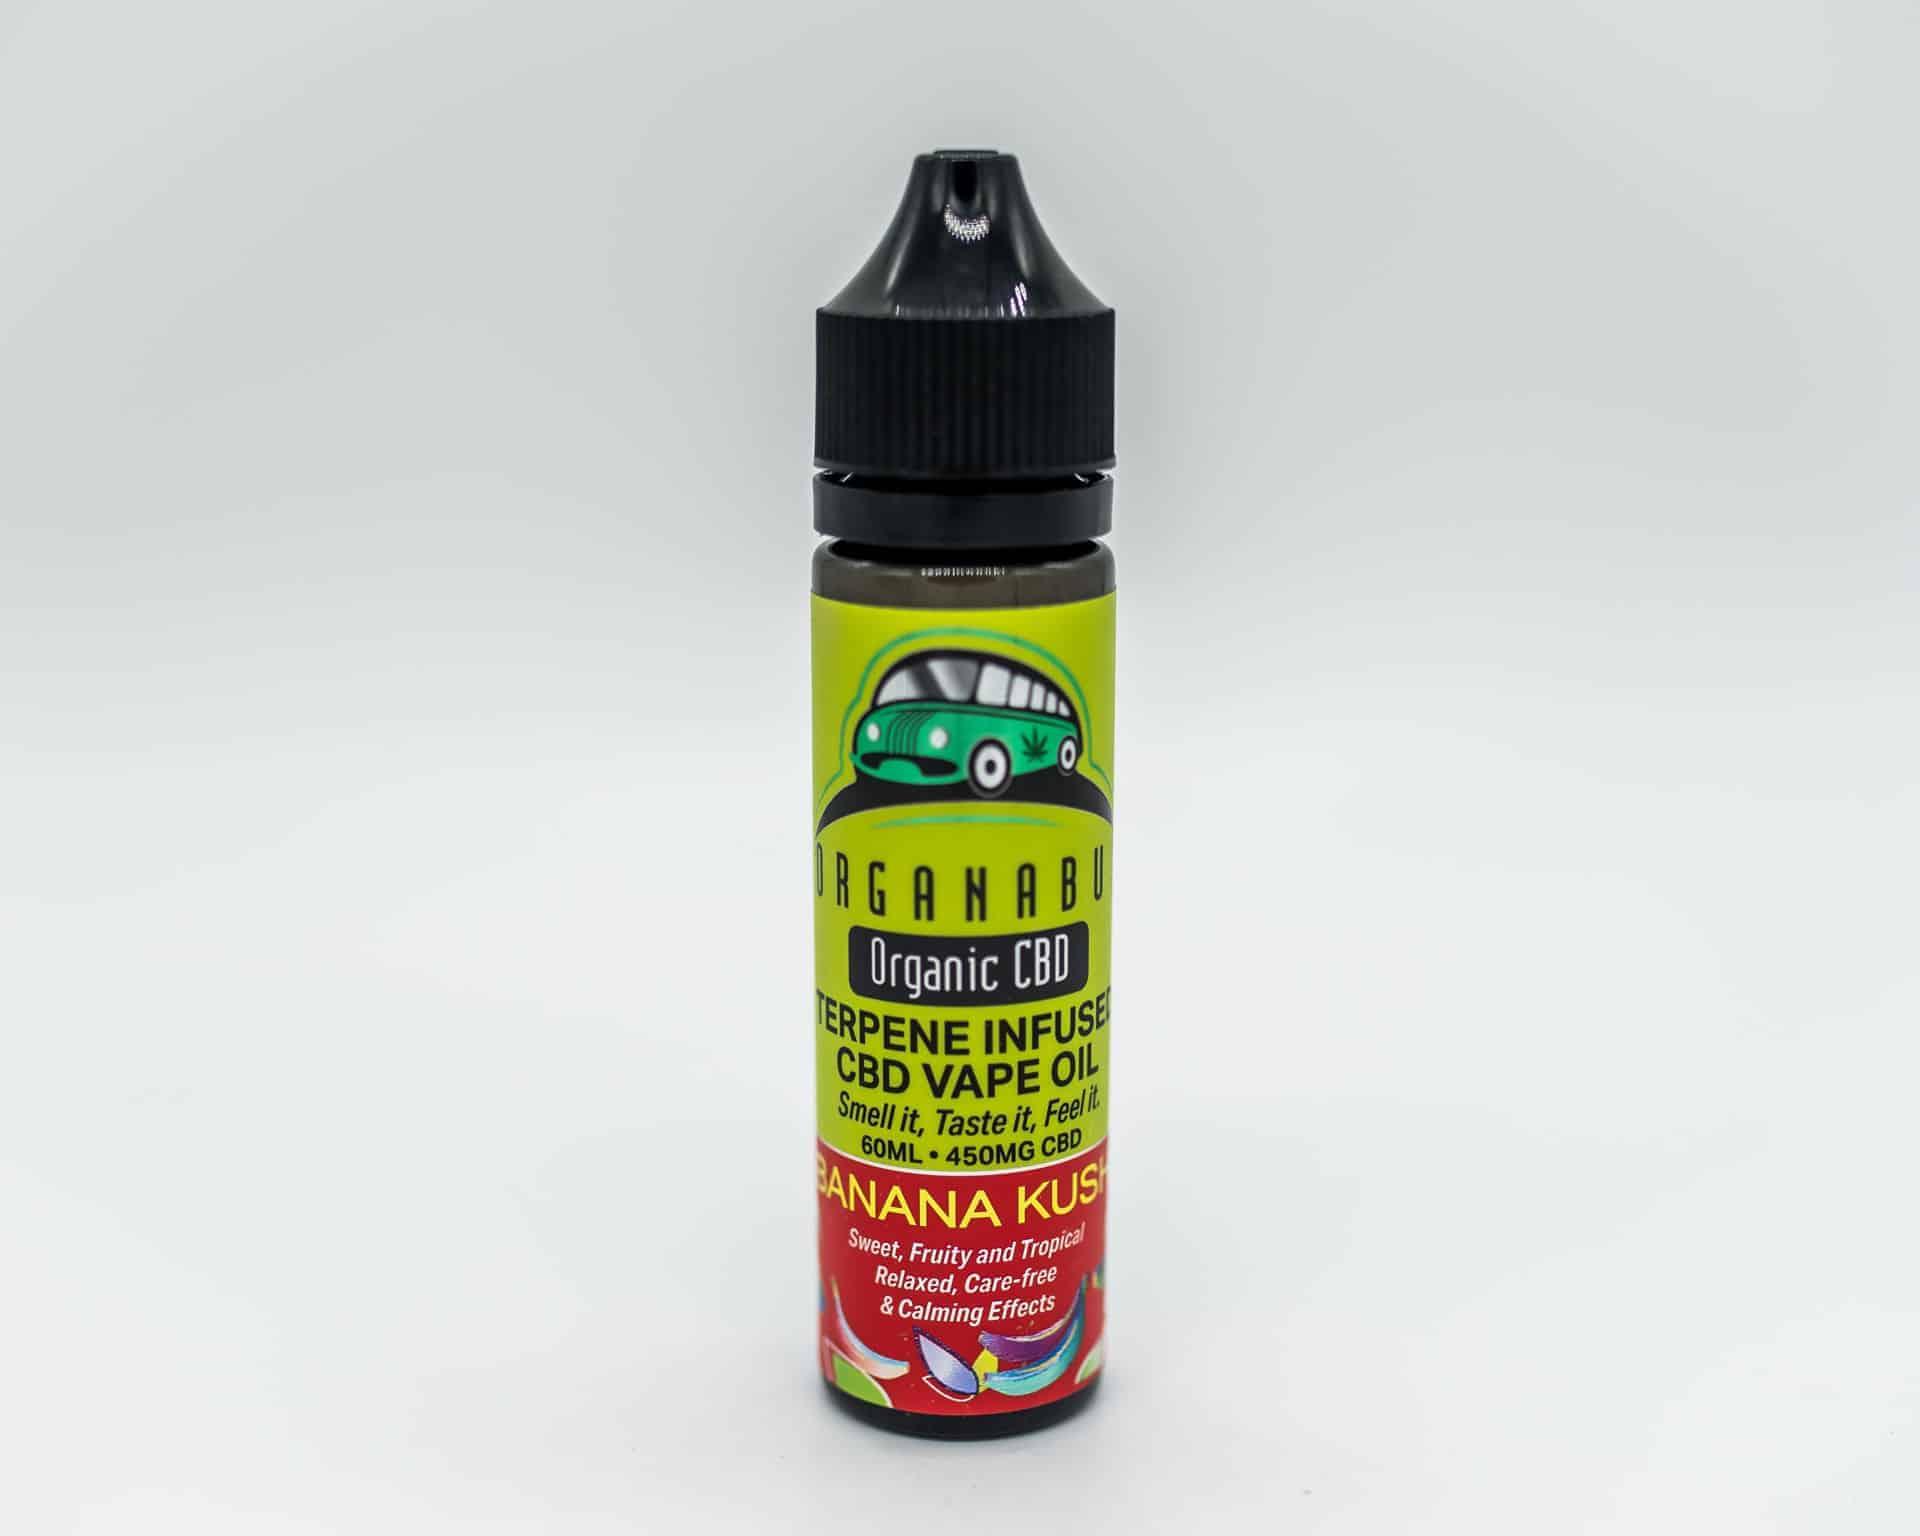 Organaus Organic CBD Terpene Infused Vape Oil